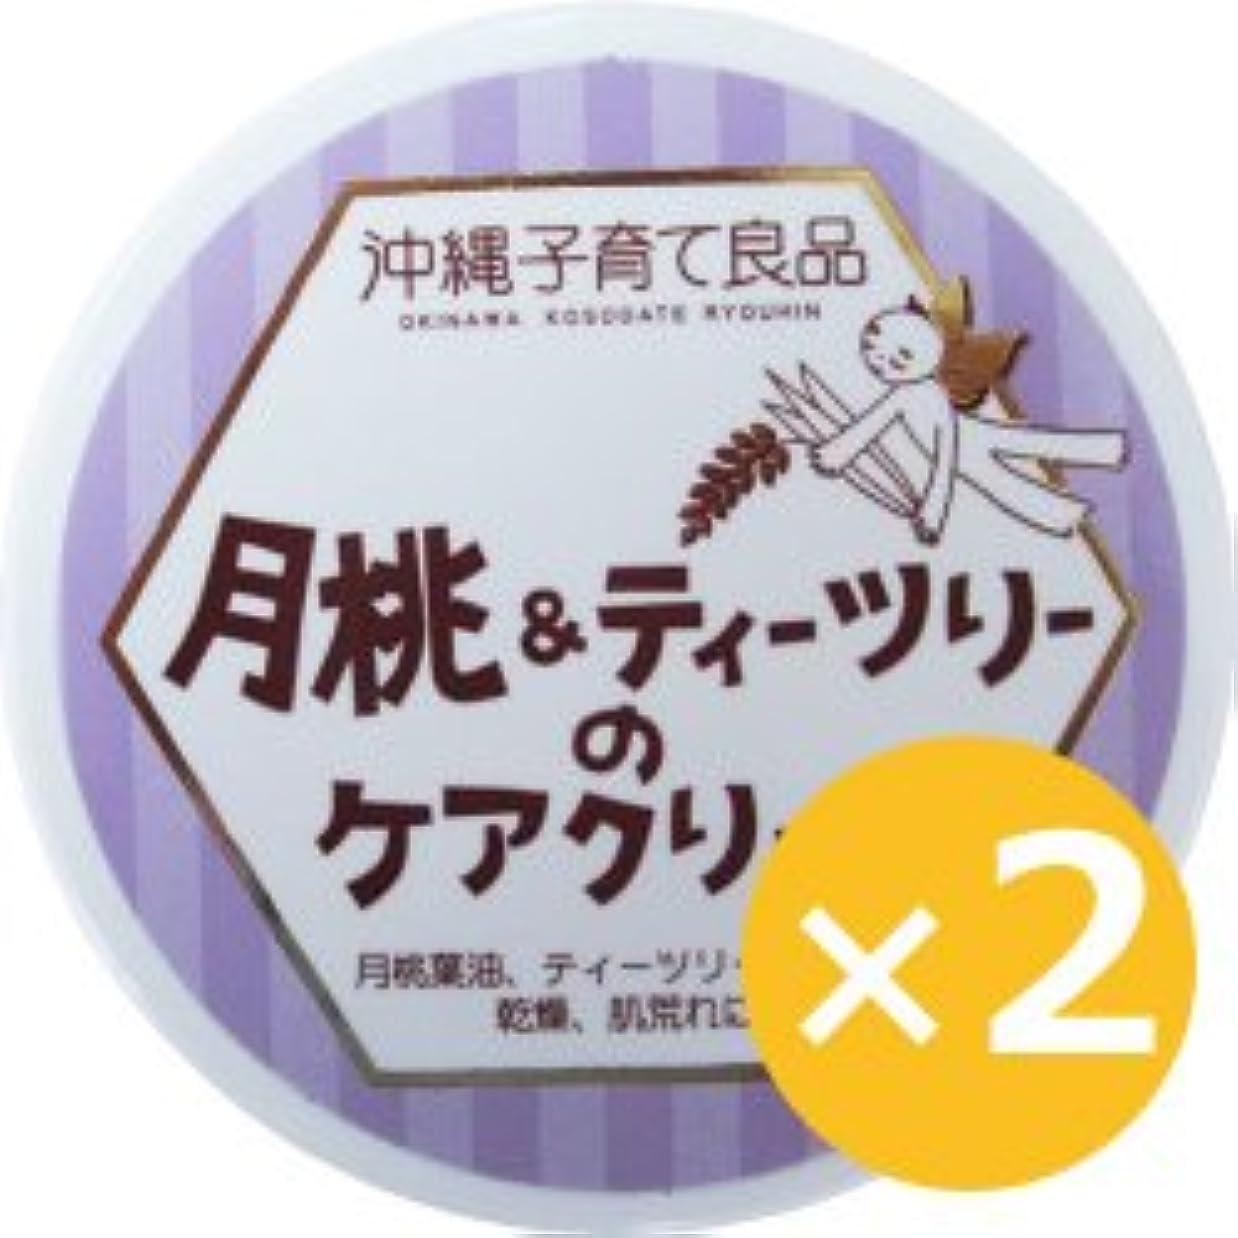 コレクションストライドペダル月桃&ティーツリークリーム 25g×2